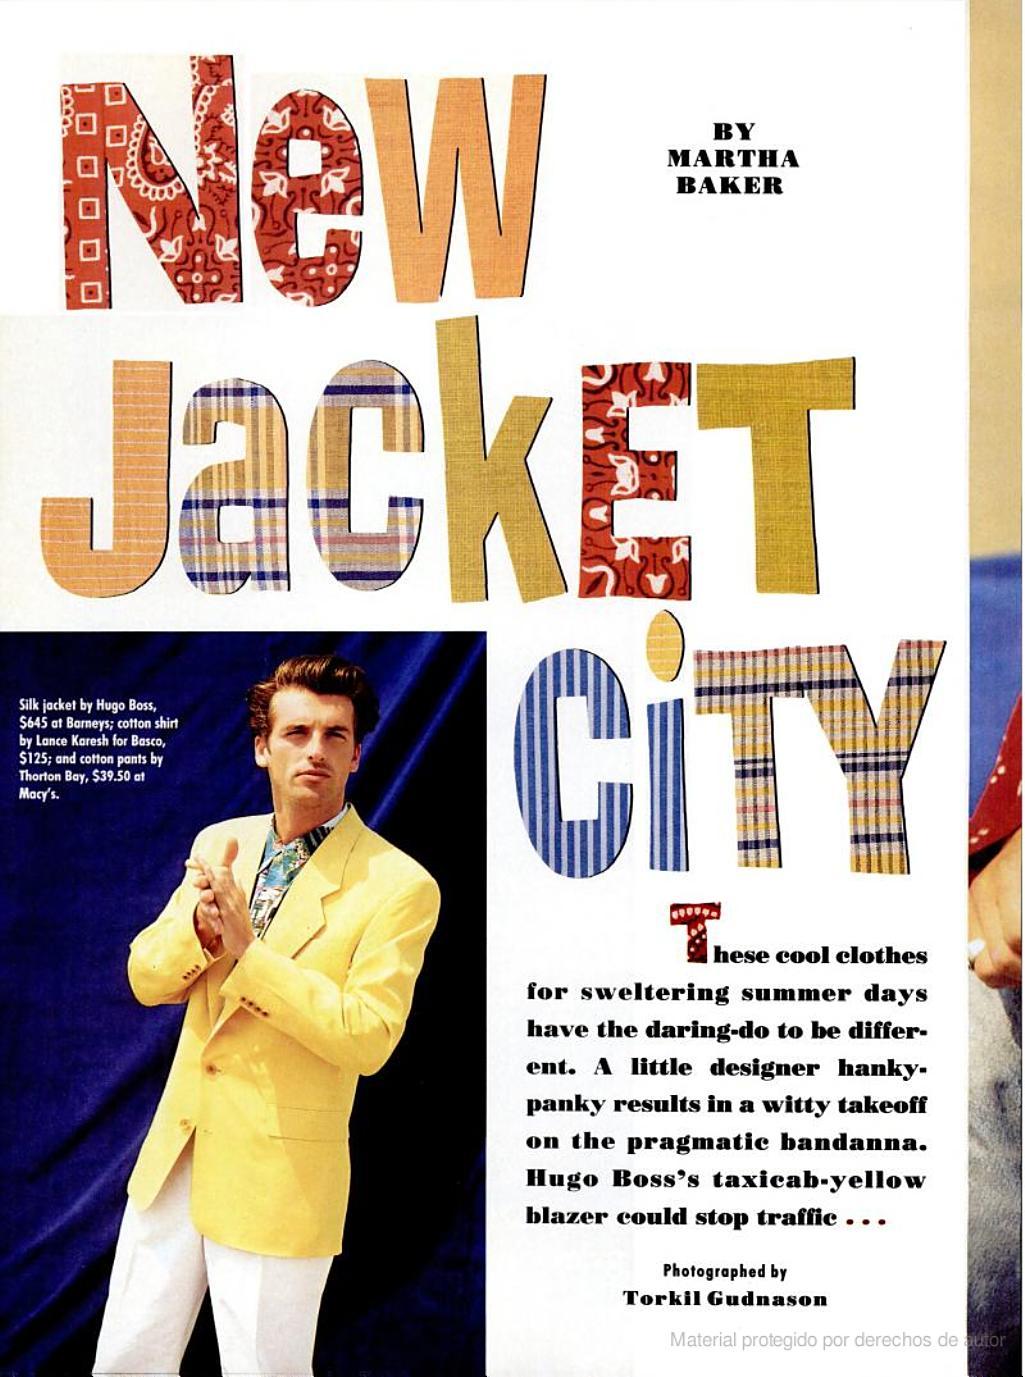 23255_new_jacket_city_802_122_828lo.jpg